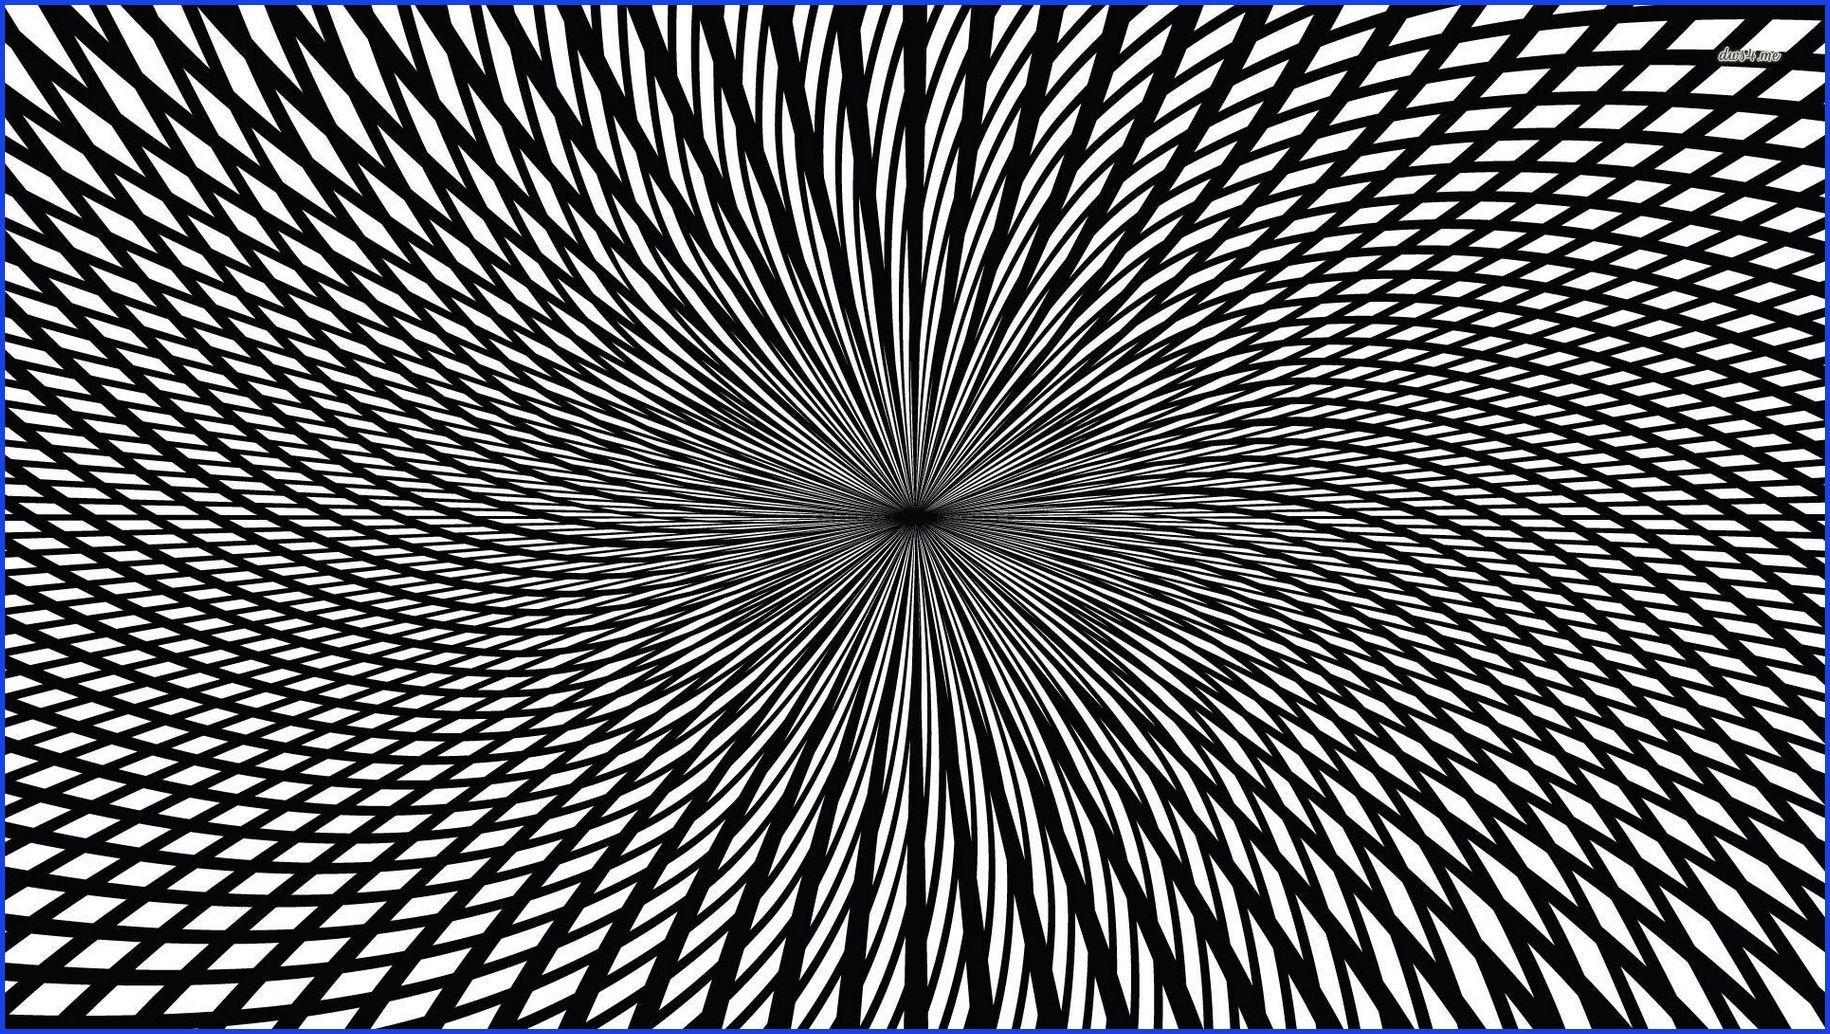 3D Illuminated Illusions At Banggood USA Illusions